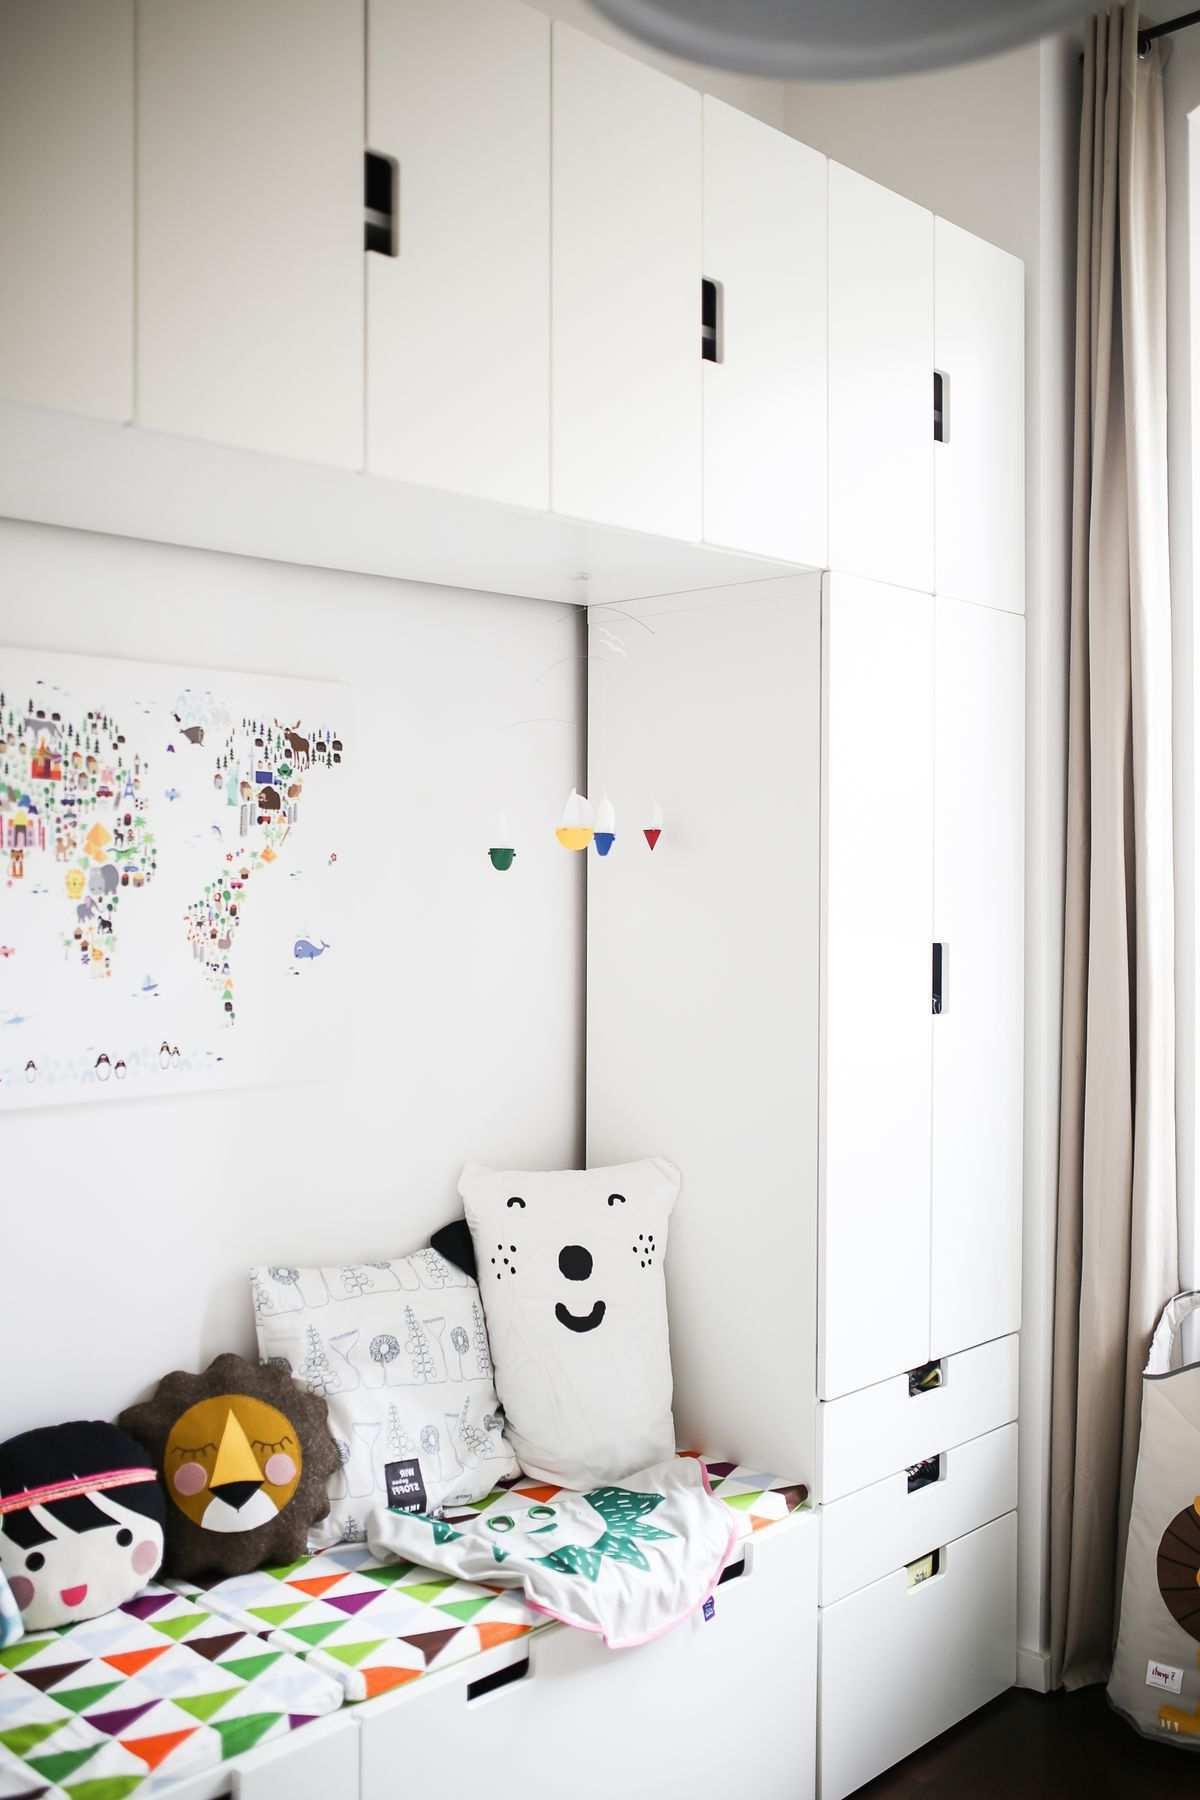 Full Size of Kinderzimmer Vorhang Junge 25 Perle Fimo Polymer Clay Tondo 12mm Bad Sofa Regal Wohnzimmer Küche Regale Weiß Kinderzimmer Kinderzimmer Vorhang